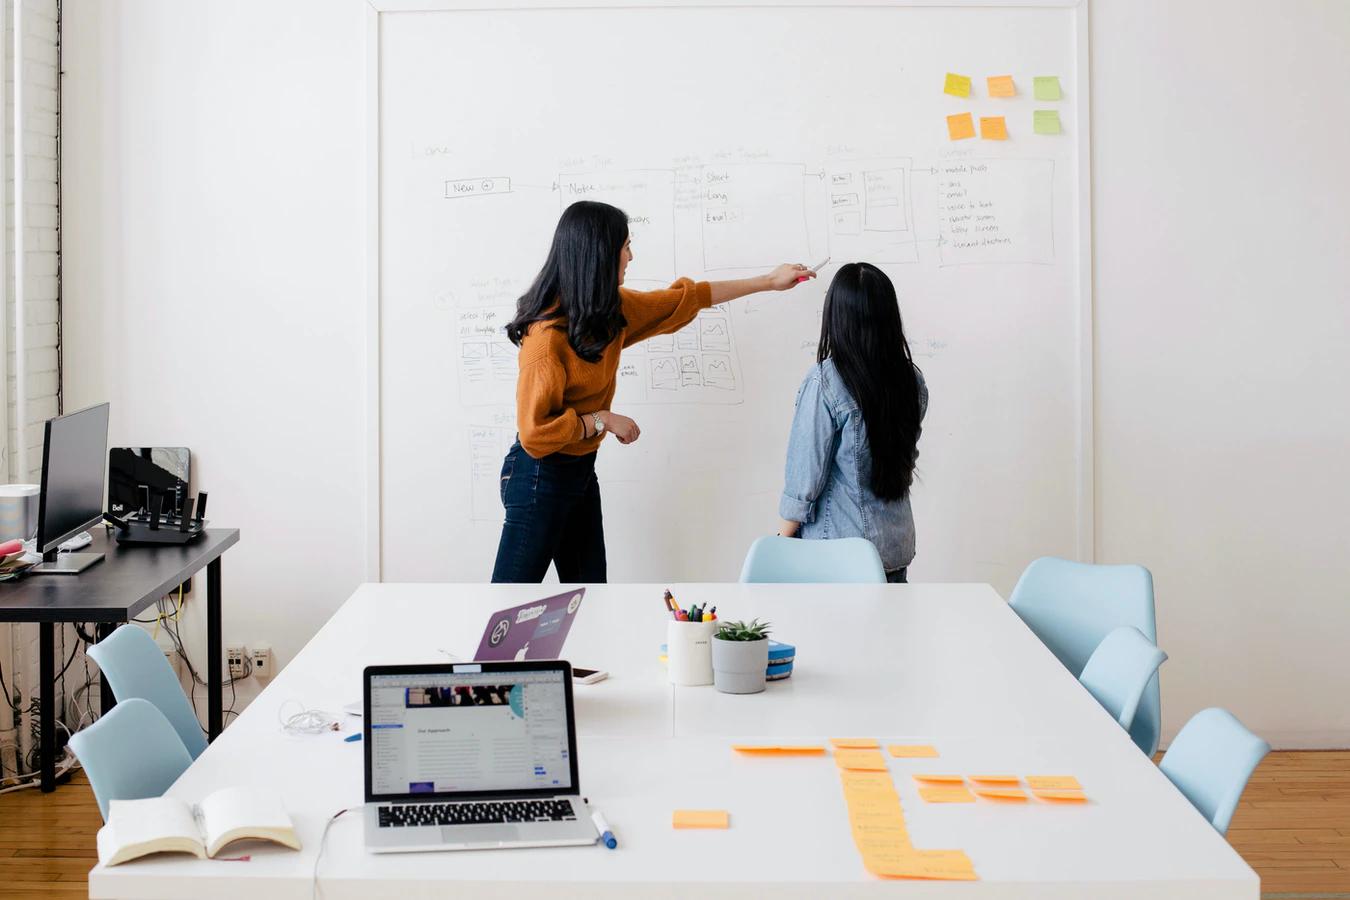 Häufige Fallstricke im Projektmanagement für Kreative